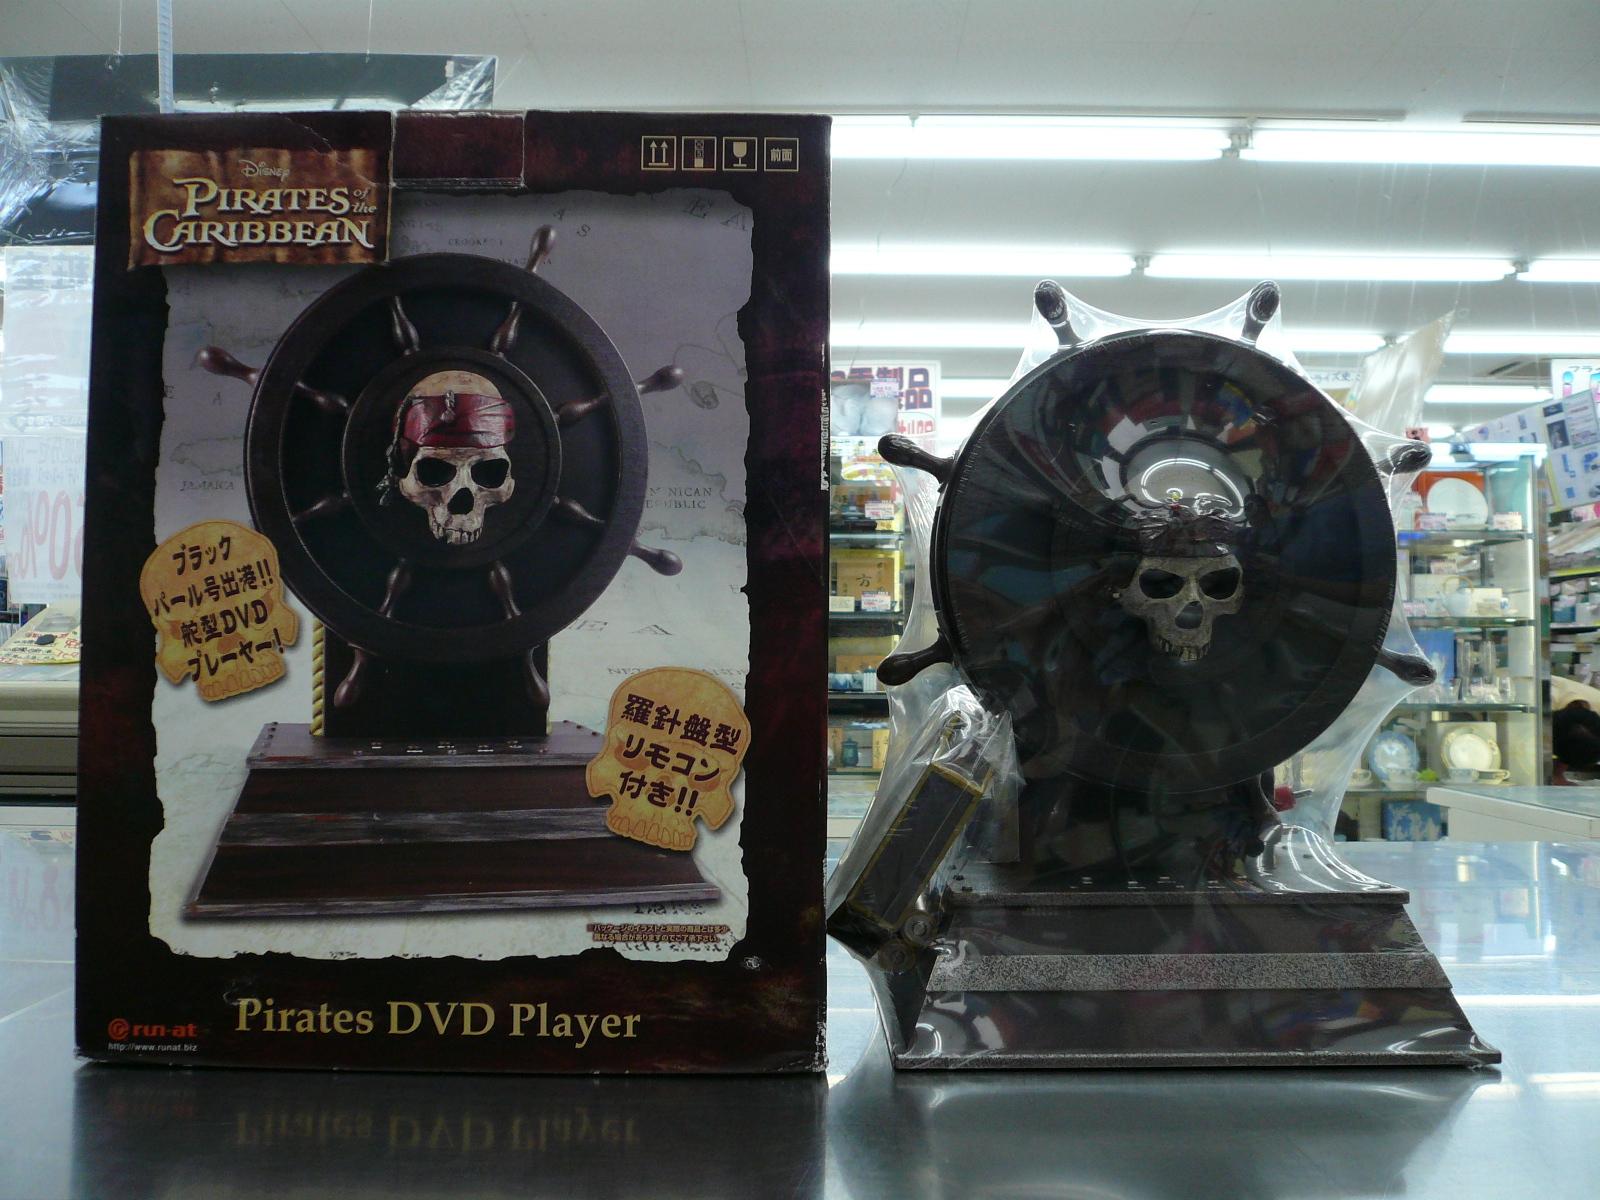 DVDプレーヤー を売るなら 総合リサイクルショップフライズ佐賀店 佐賀市 買取り